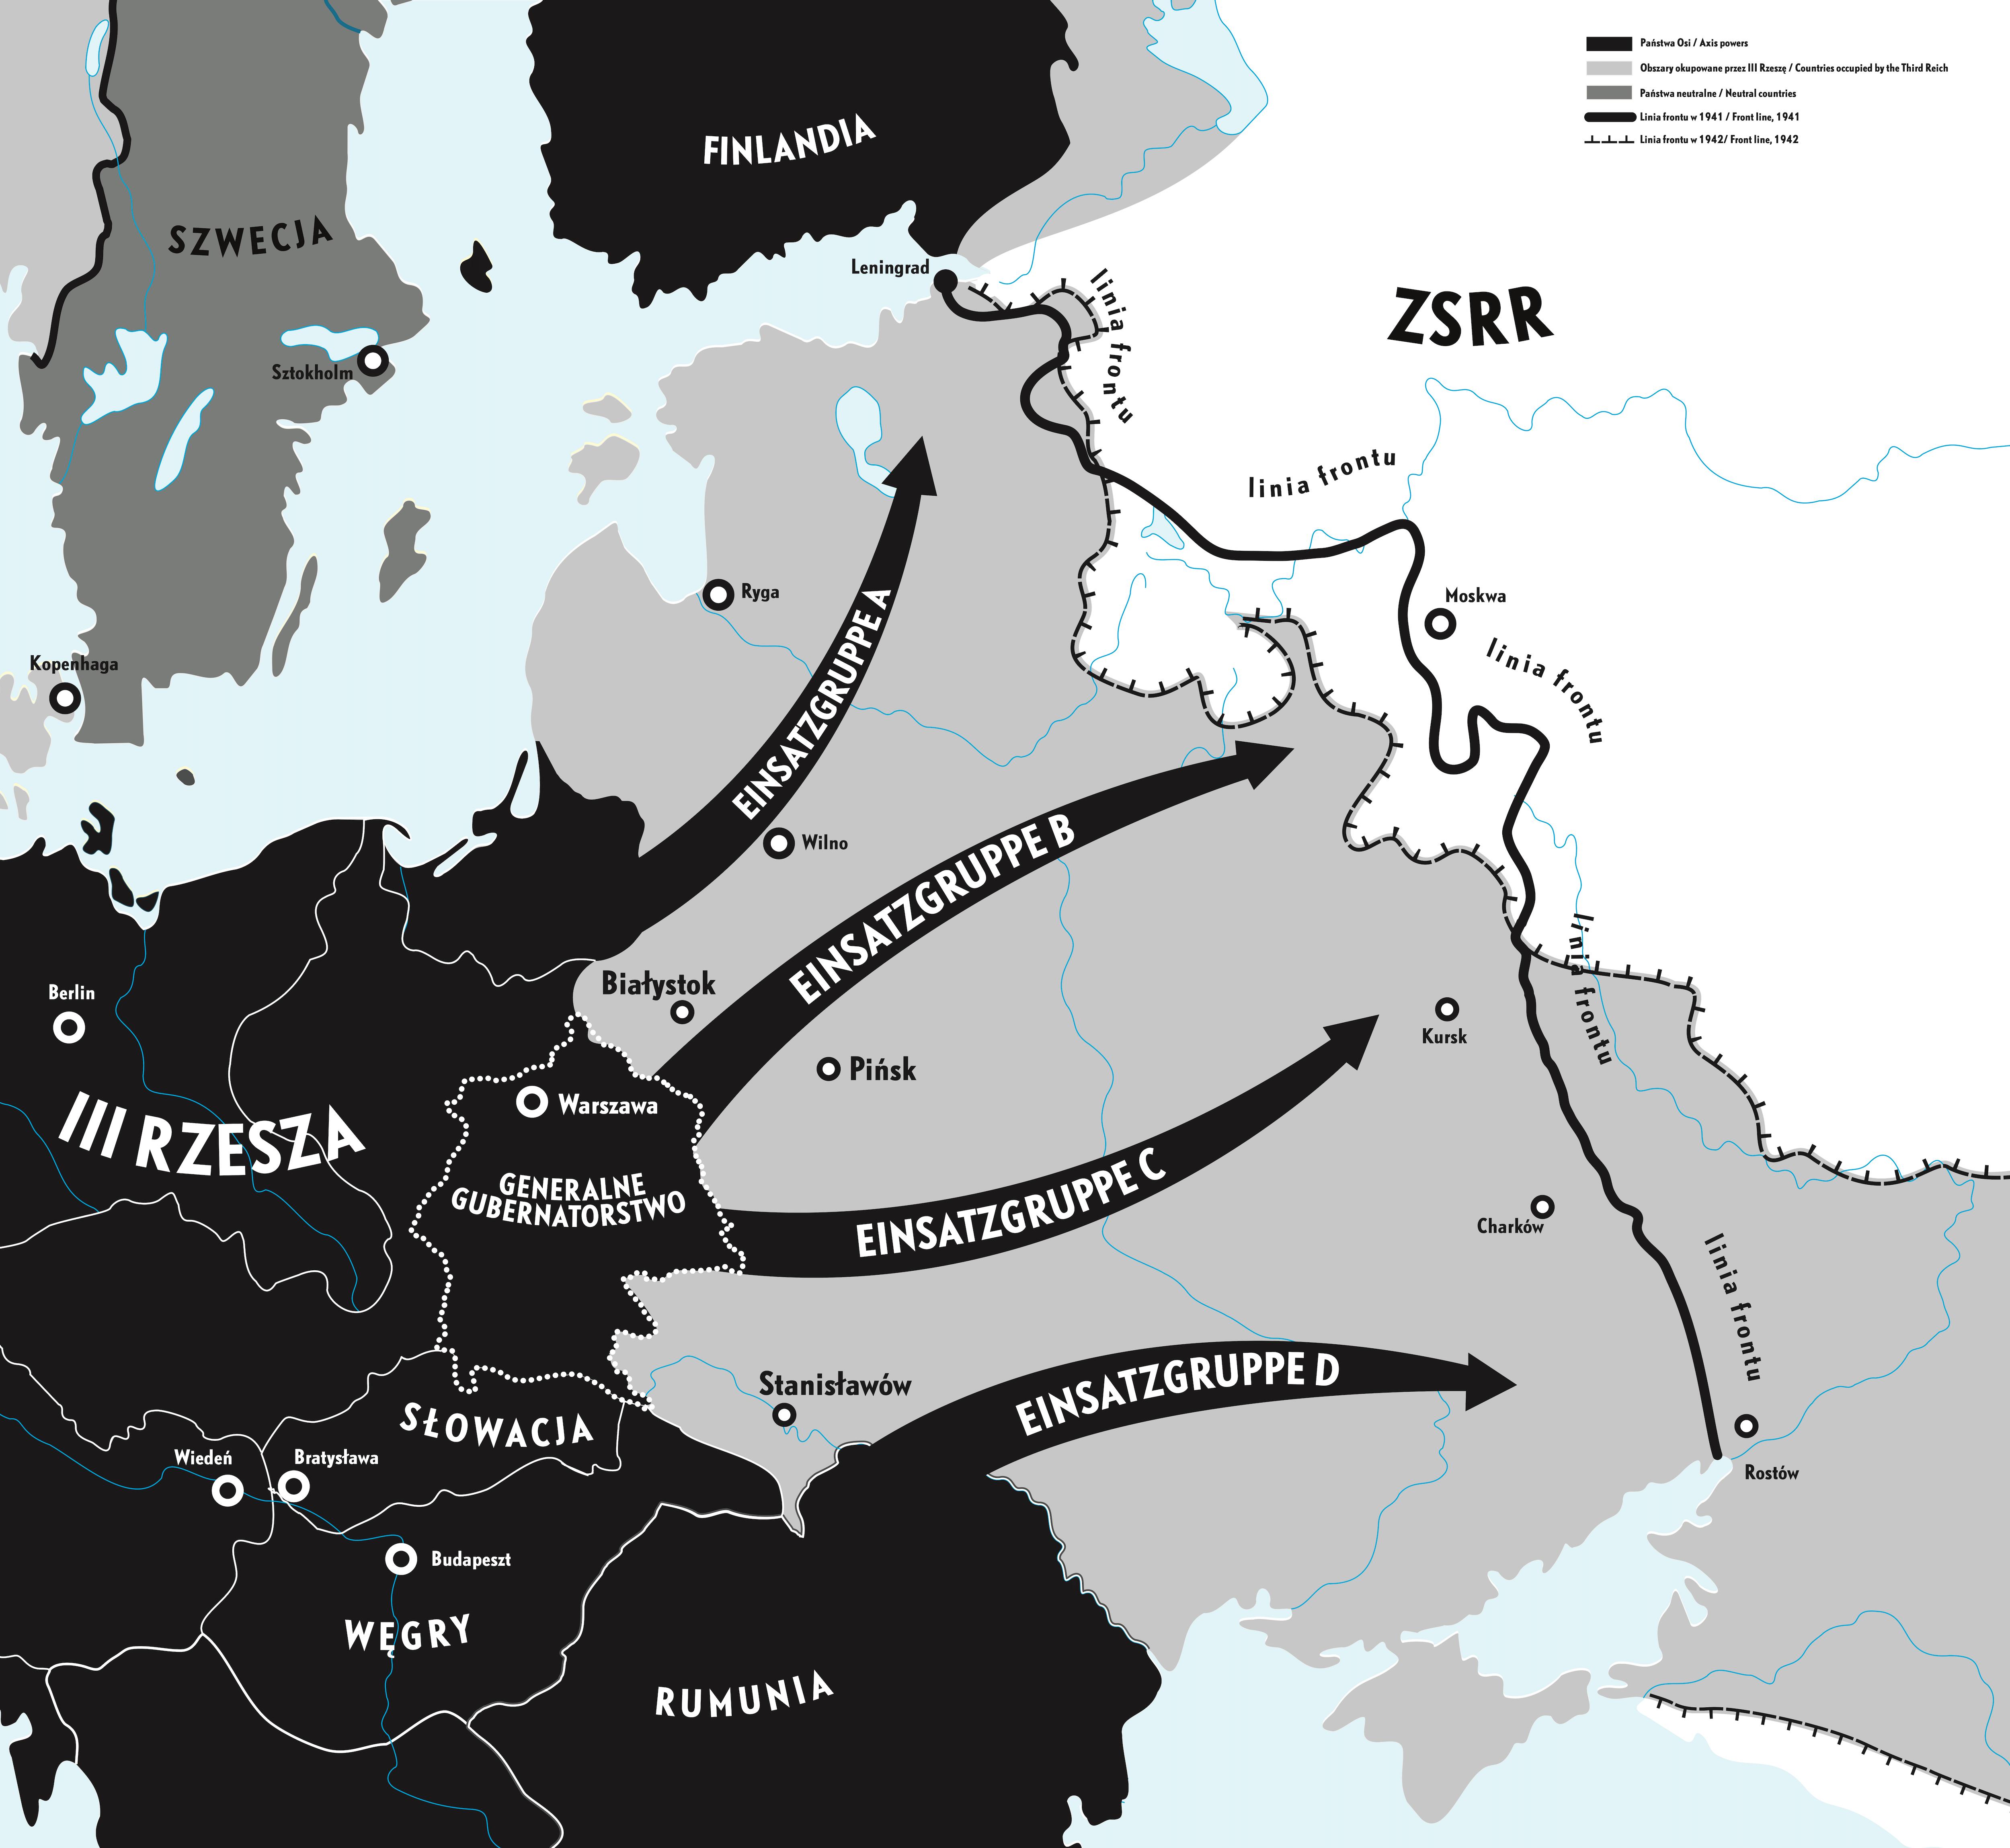 Mapa miejscowości w których latem 1941 r. ludność lokalna dokonała pogromu na Żydach. Rys. Muzeum POLIN